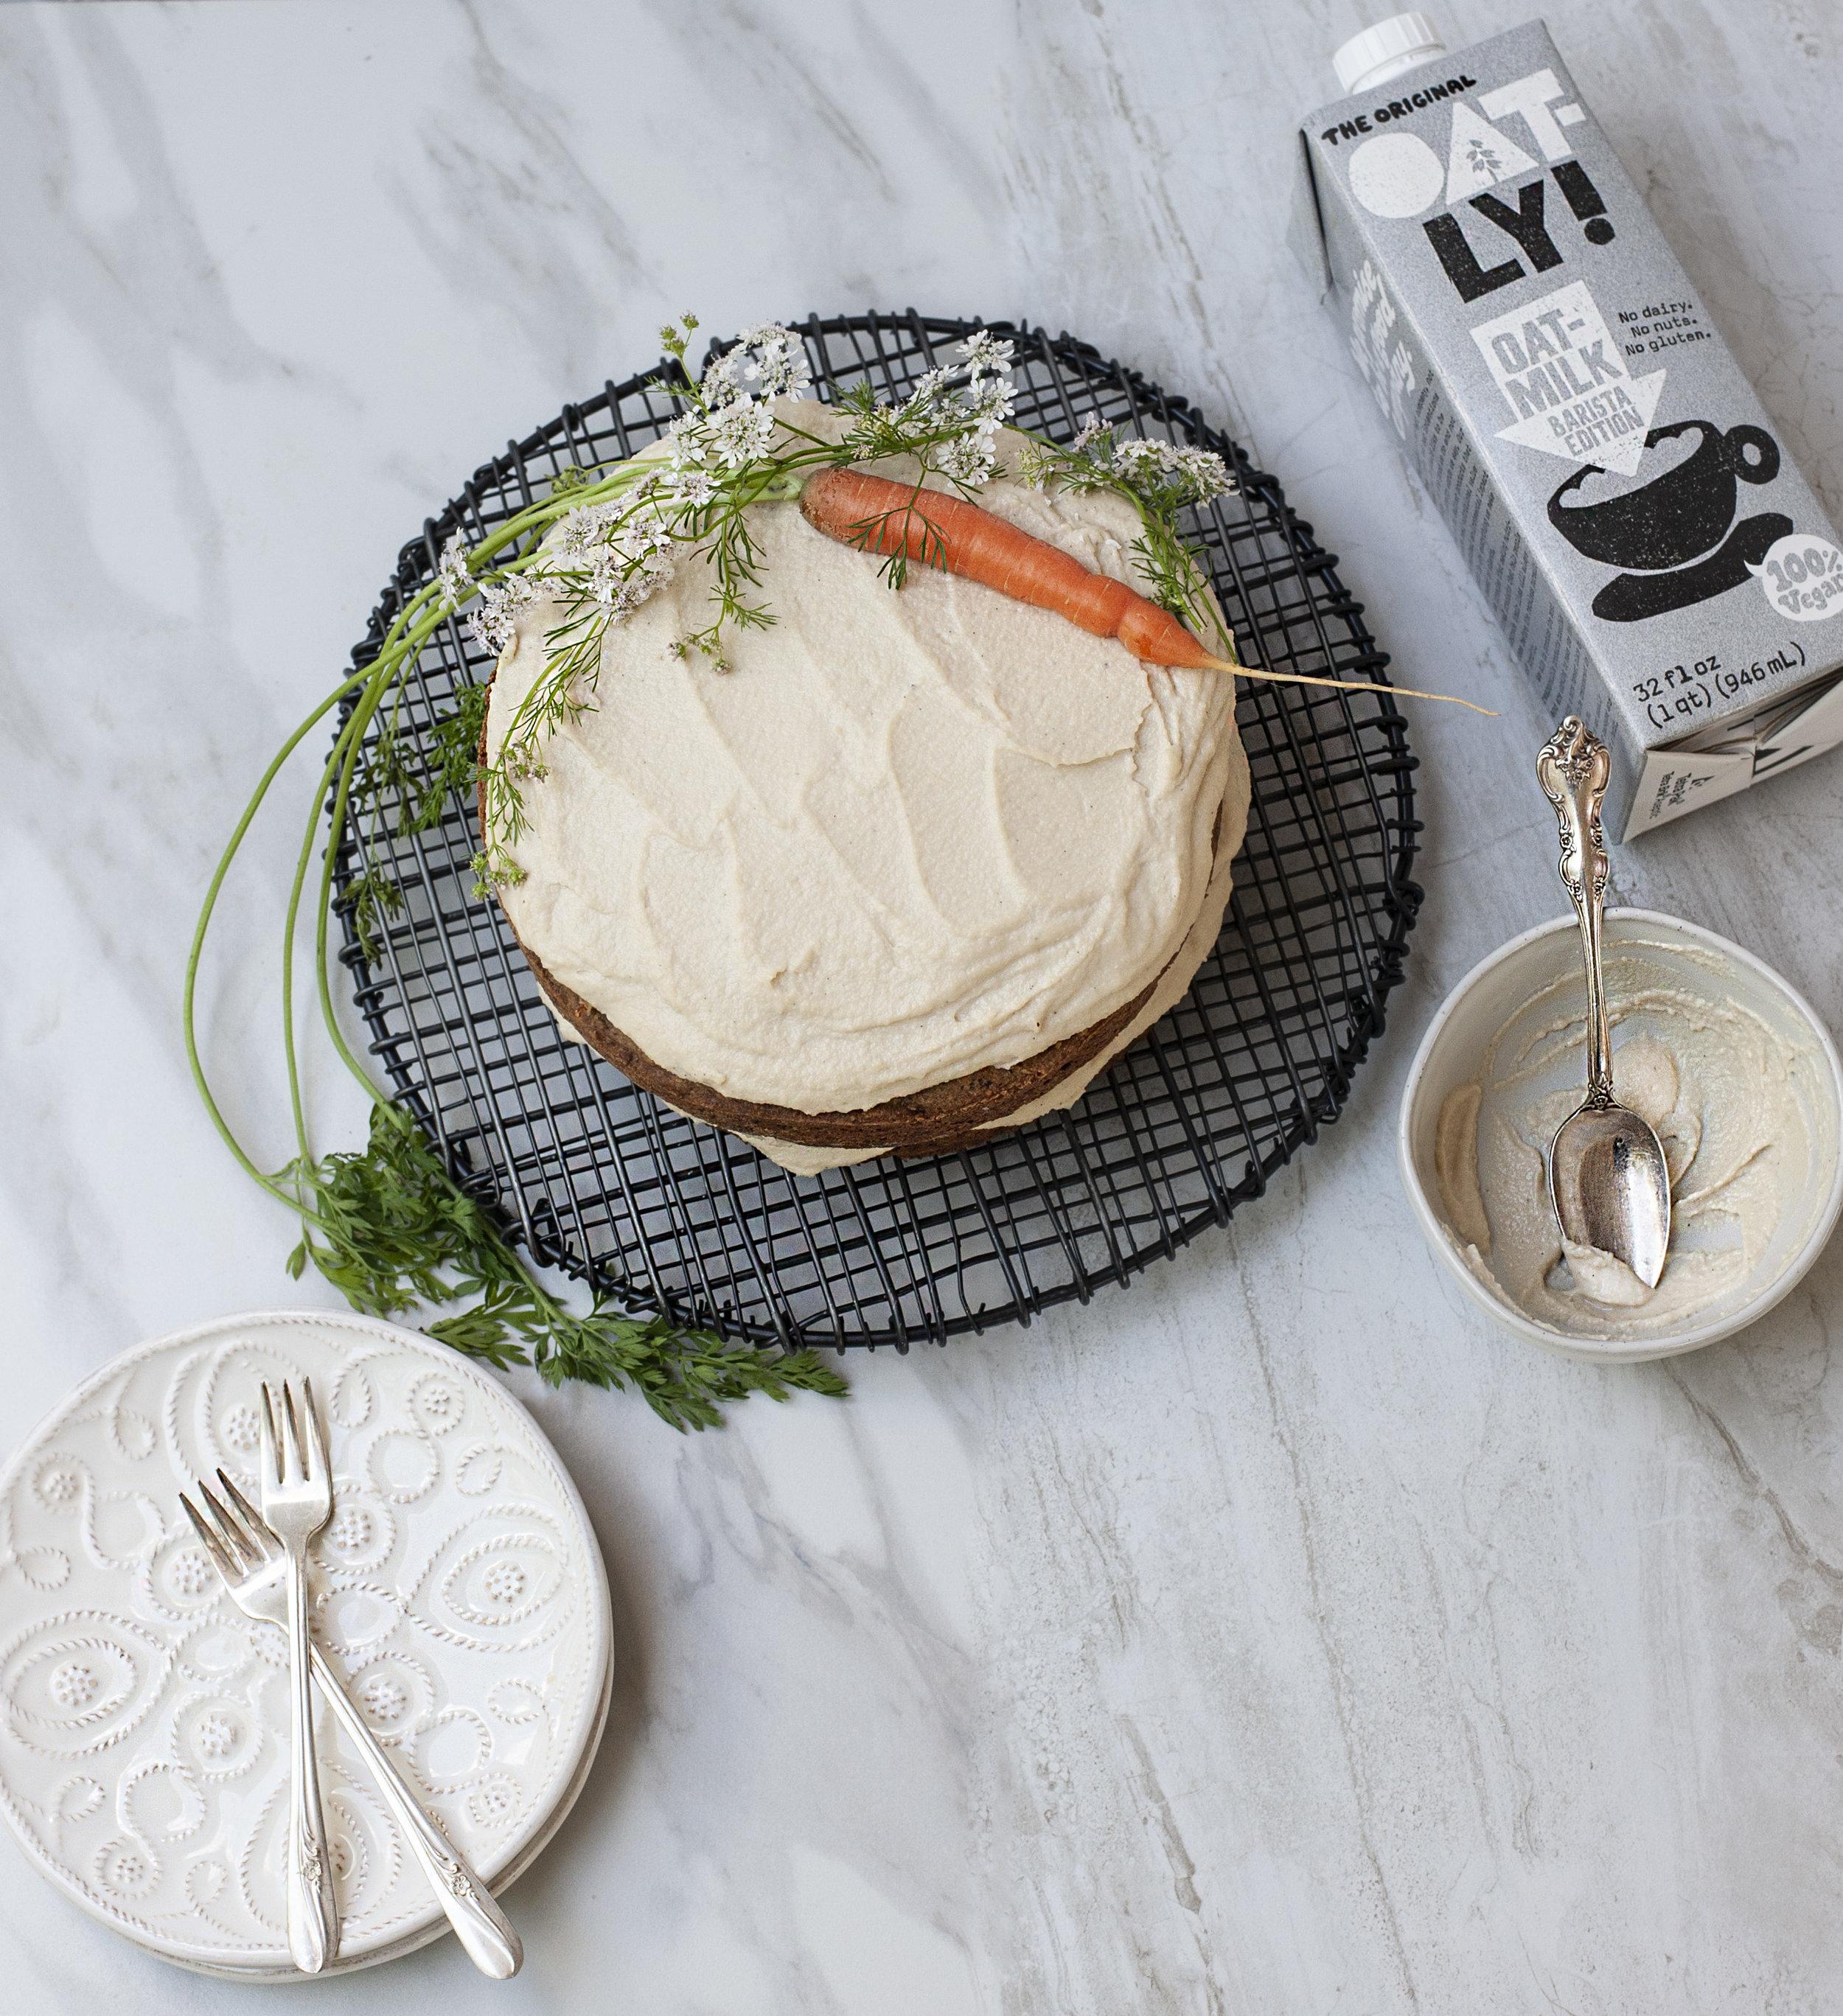 OATLY-Carrot-Cake-Oat-Cream-Frosting.jpg